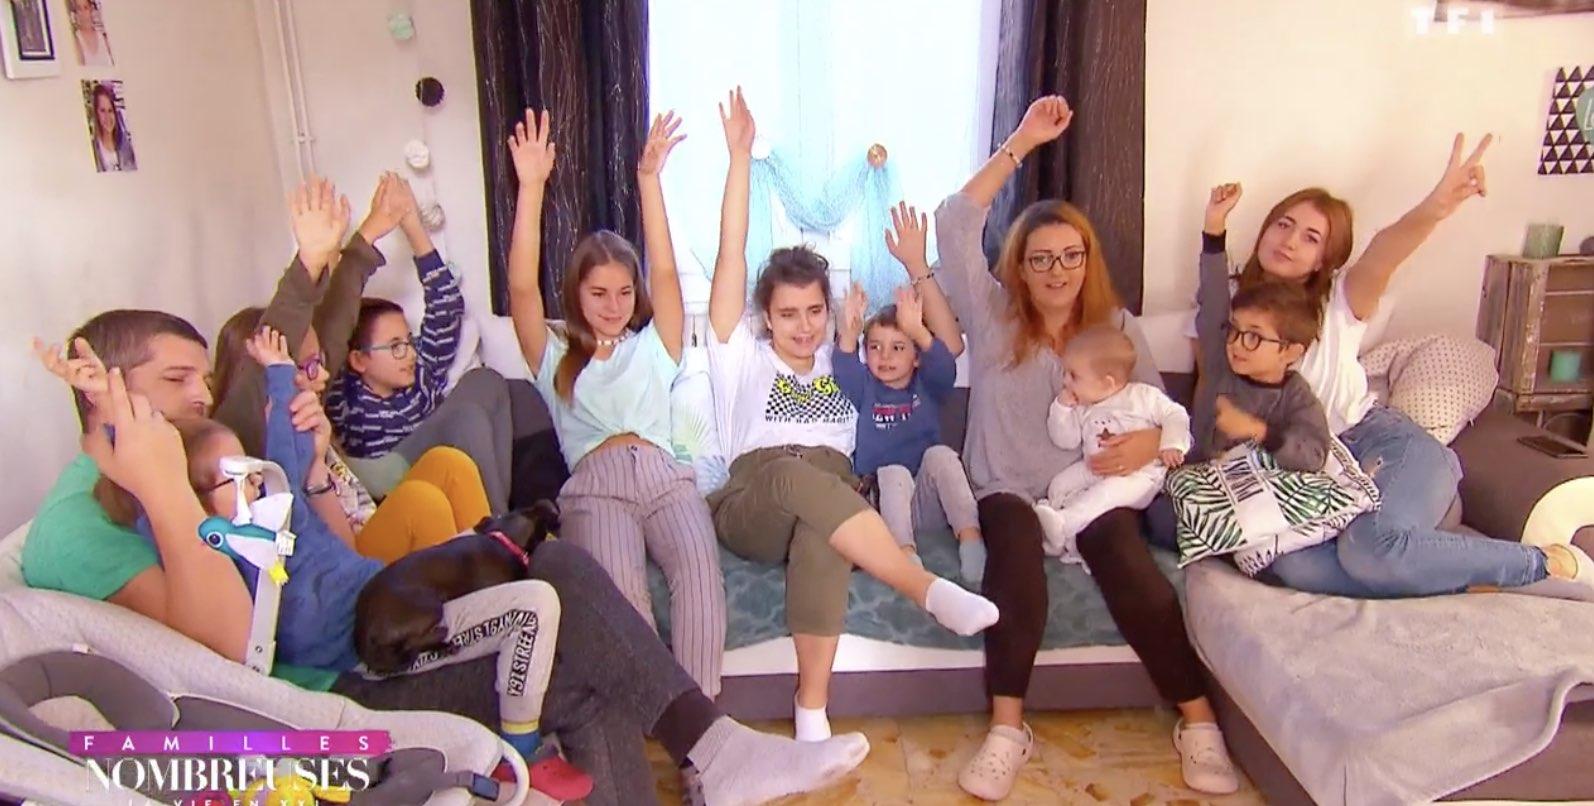 Familles nombreuses - Familles XXL - TF1 -